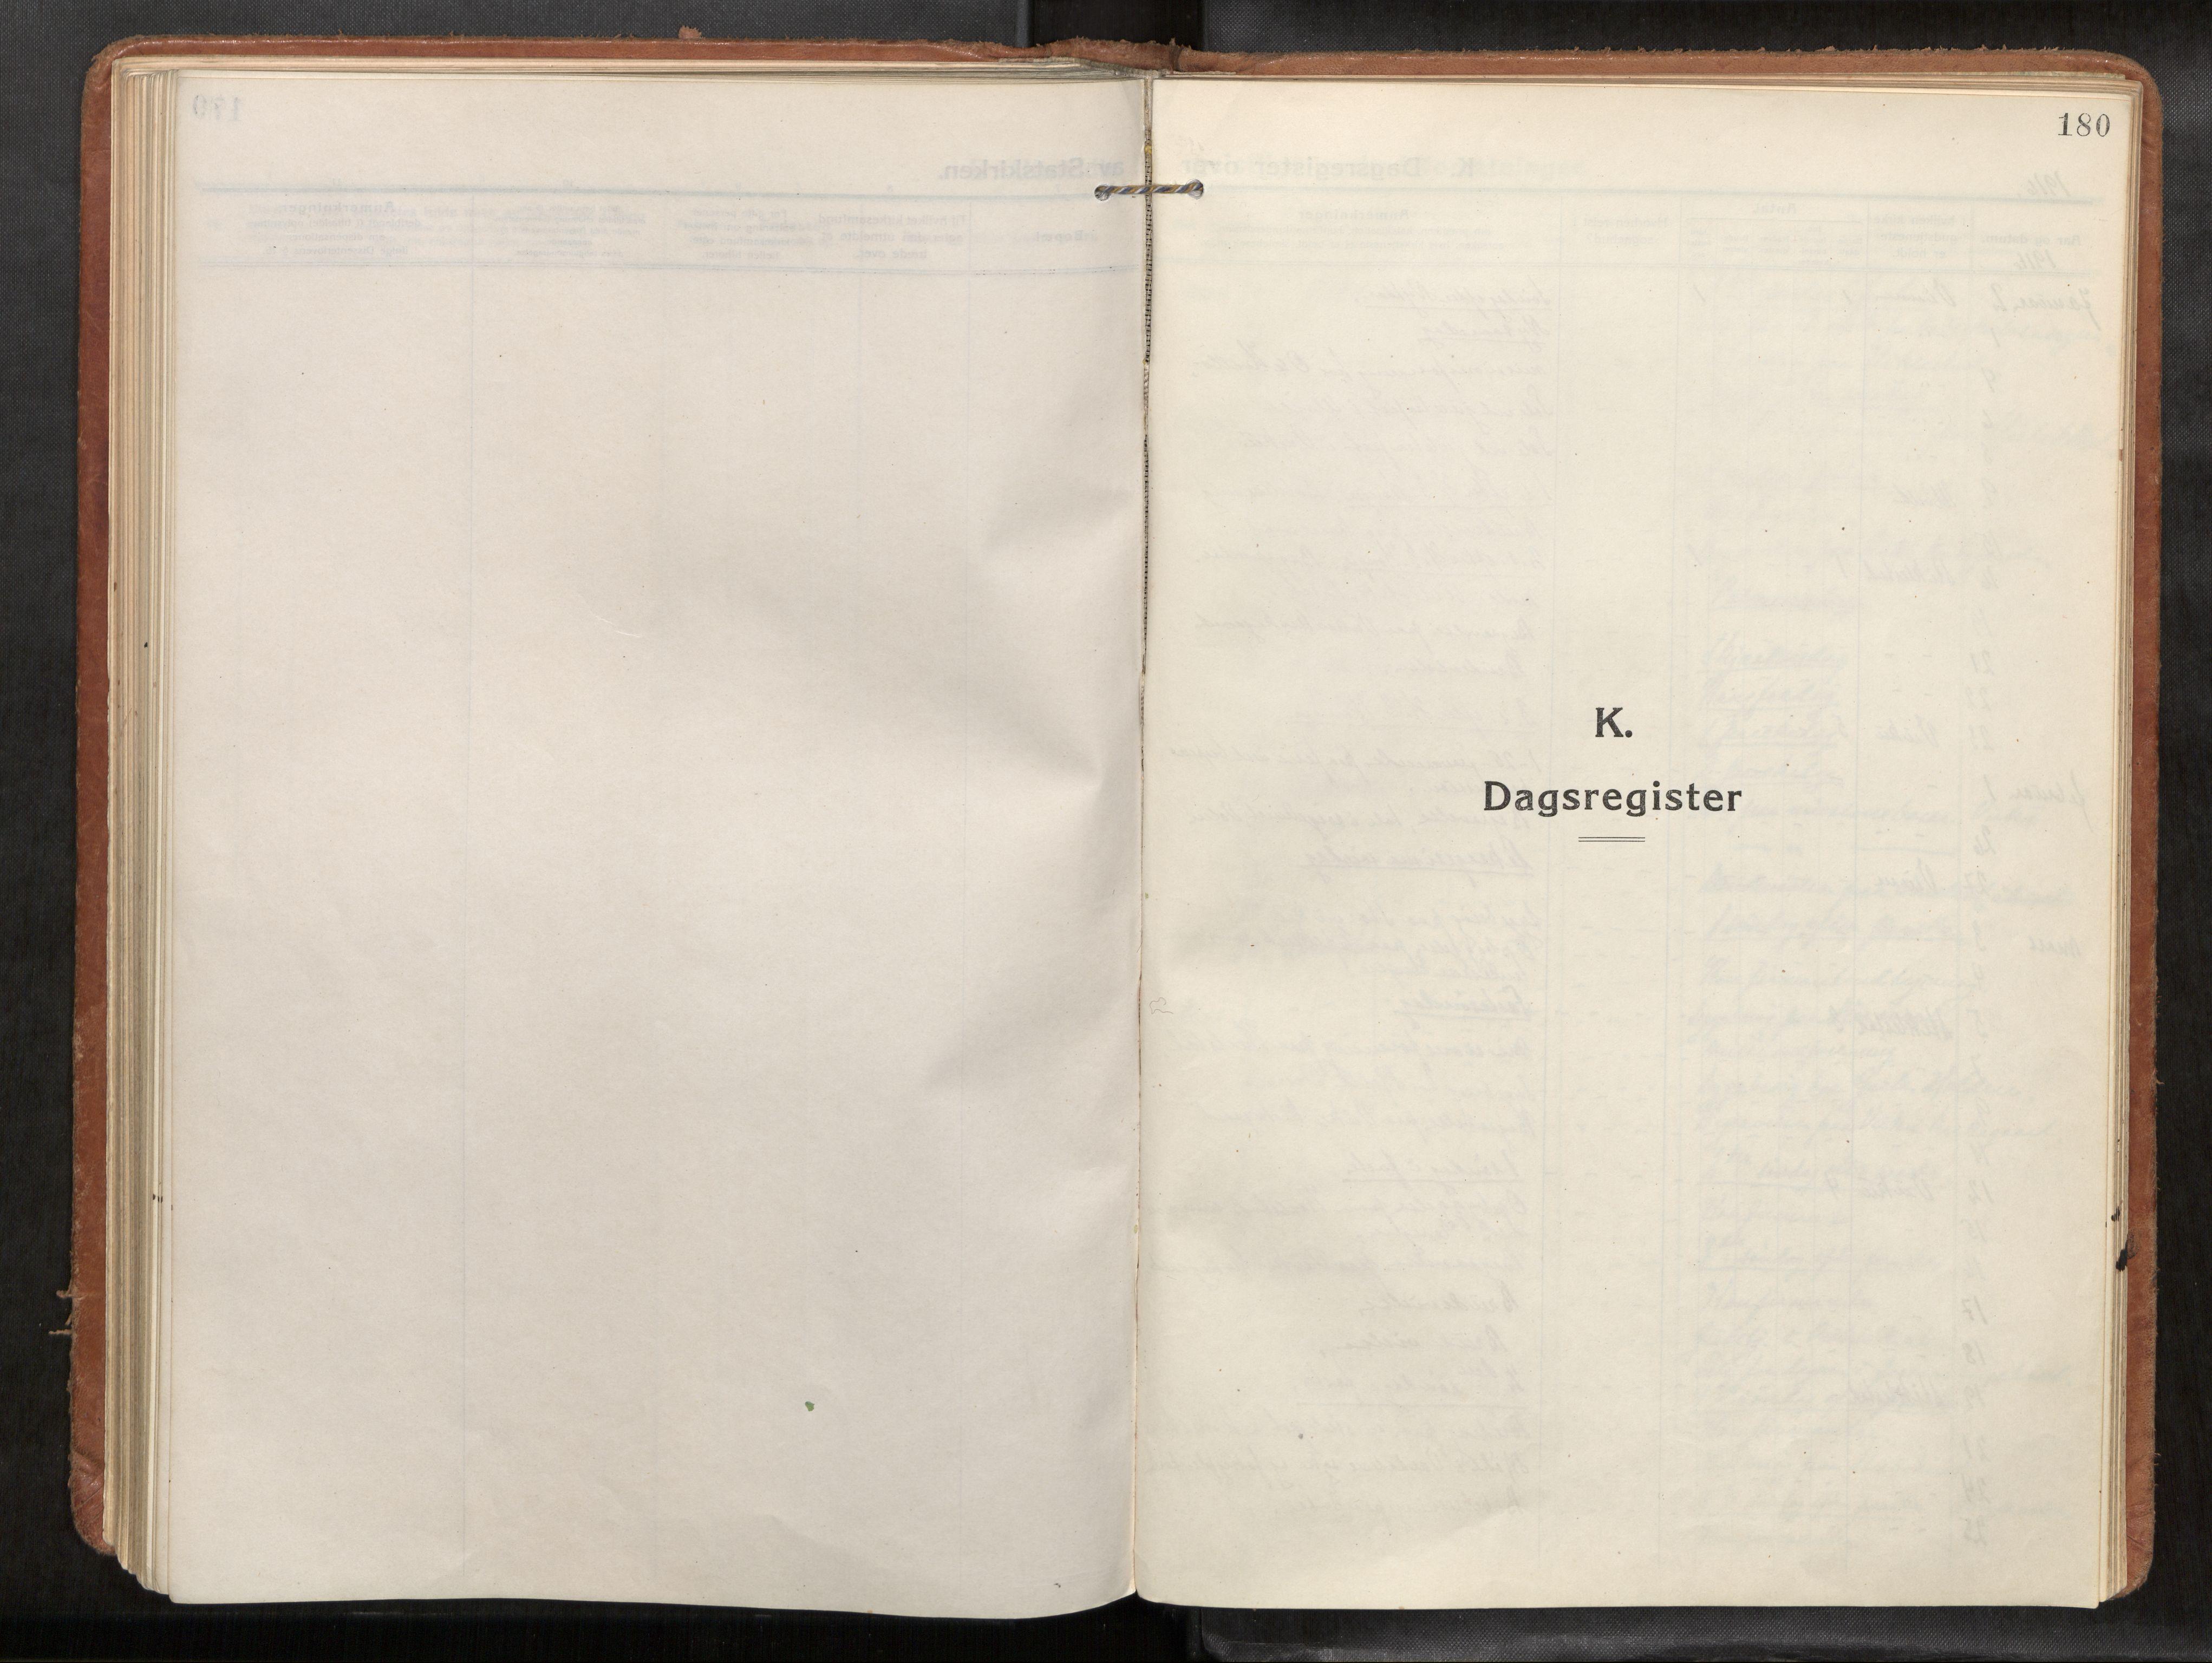 SAT, Verdal sokneprestkontor*, Parish register (official) no. 1, 1916-1928, p. 180